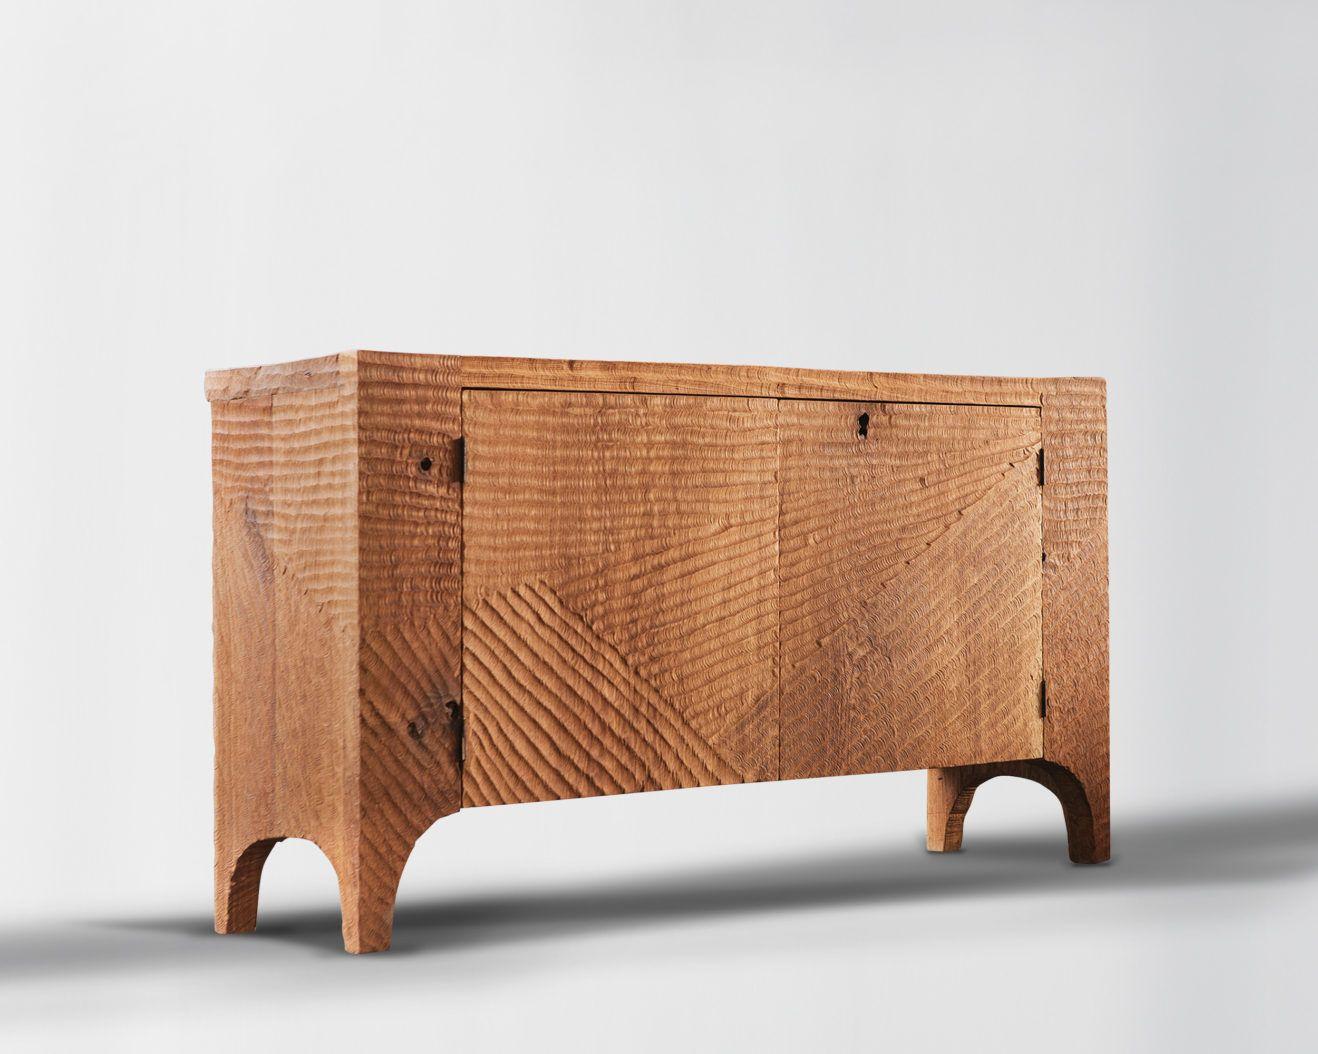 Soha Concept Wood Furniture Design Shop Online Savannah Bay Gallery Wood Furniture Design Wood Furniture Furniture